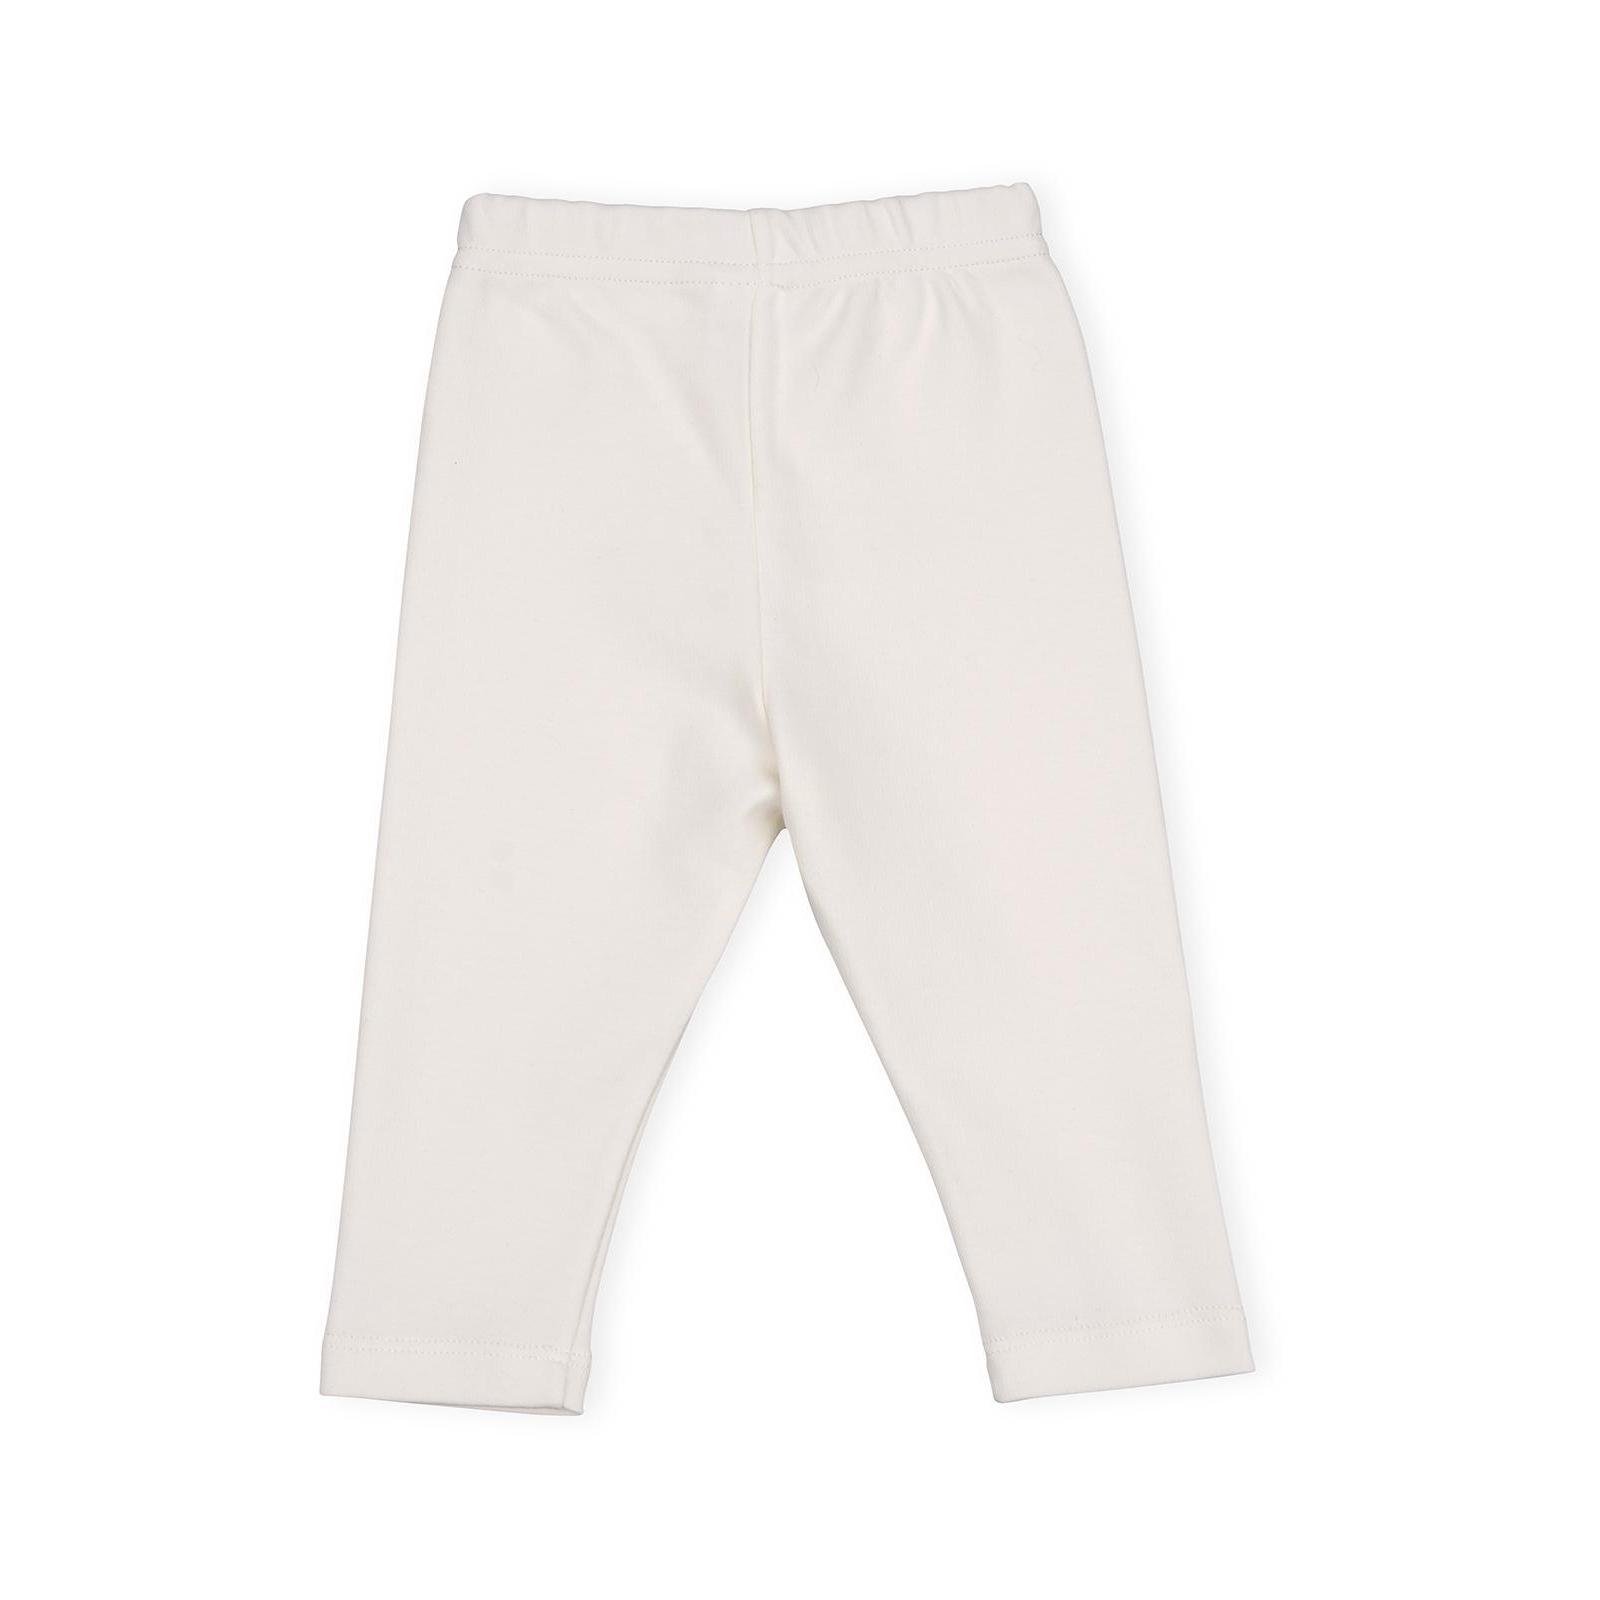 Набор детской одежды Интеркидс с розочками (2364-74G-beige) изображение 6